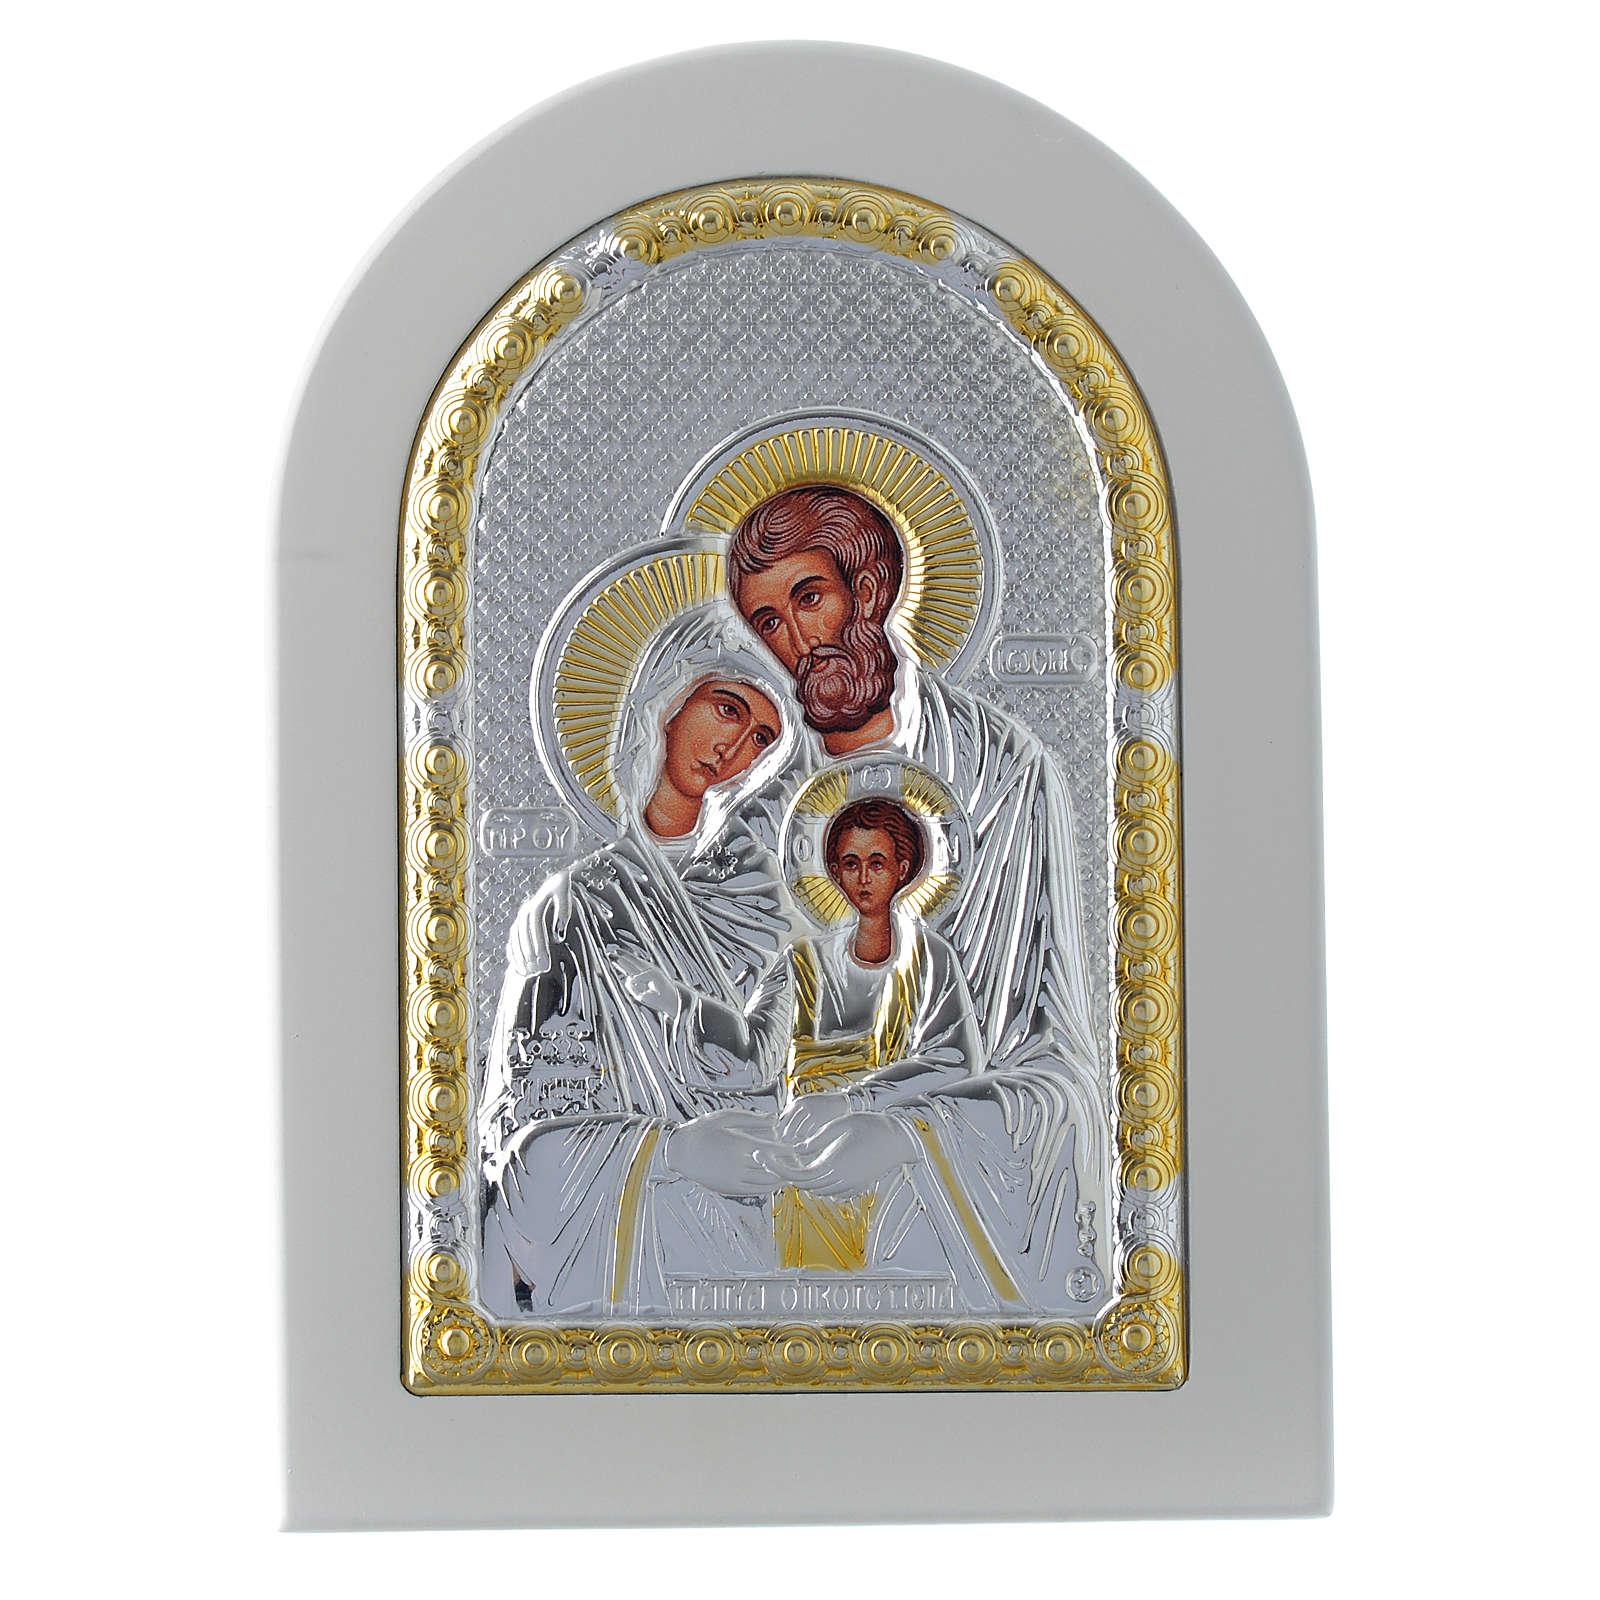 Icono Sagrada Familia 14x10 cm plata 925 detalles dorados 4